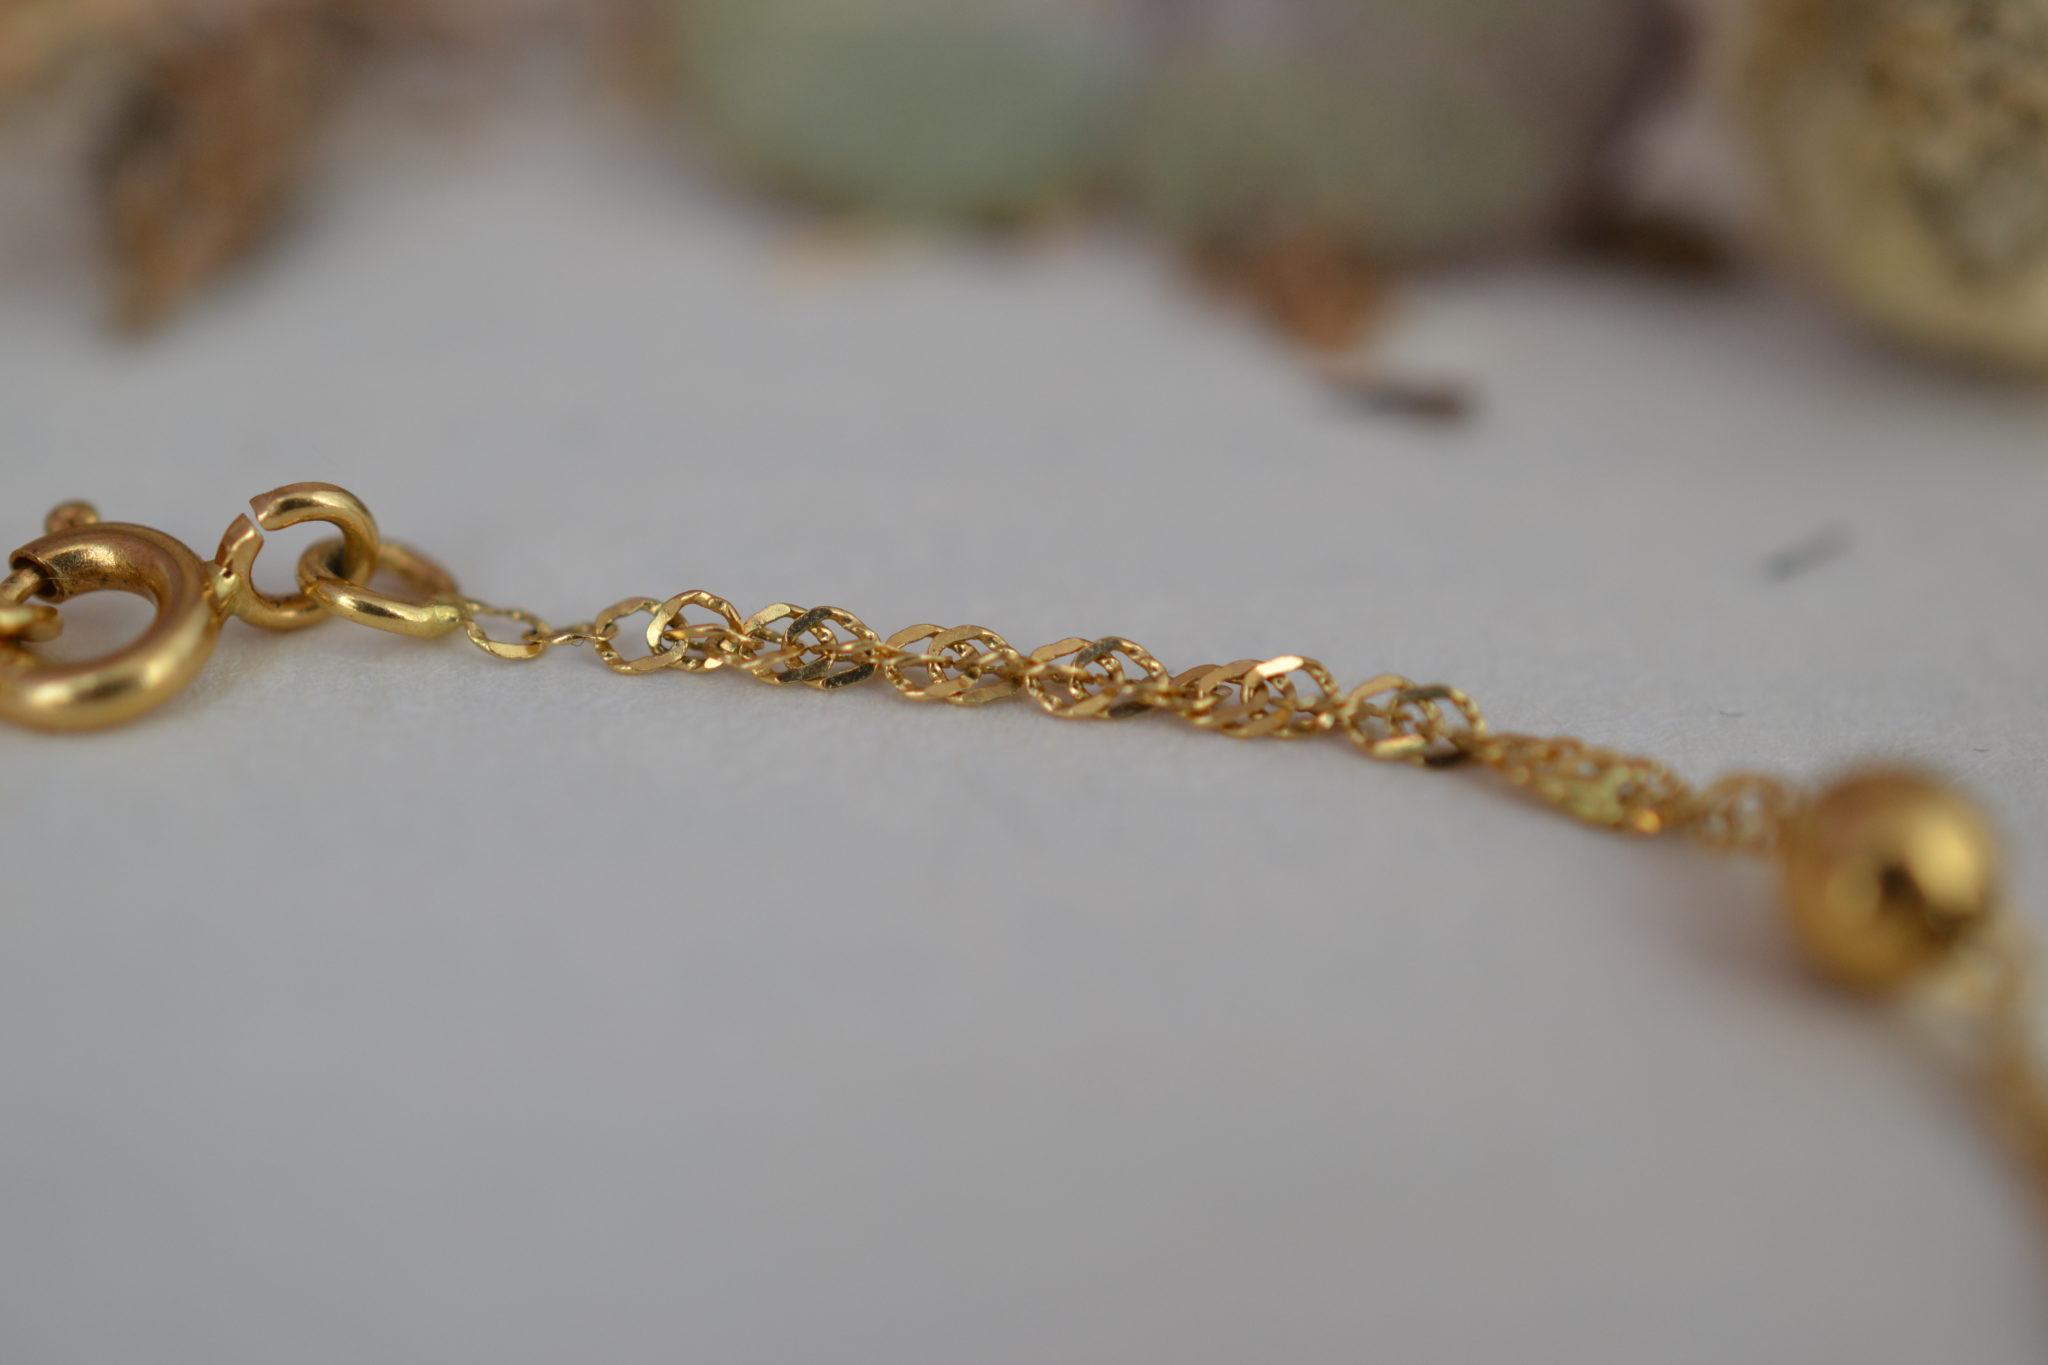 Bracelet En Or Jaune Décoré De Billes, Maille Effet Torsadé - Bracelet Rétro